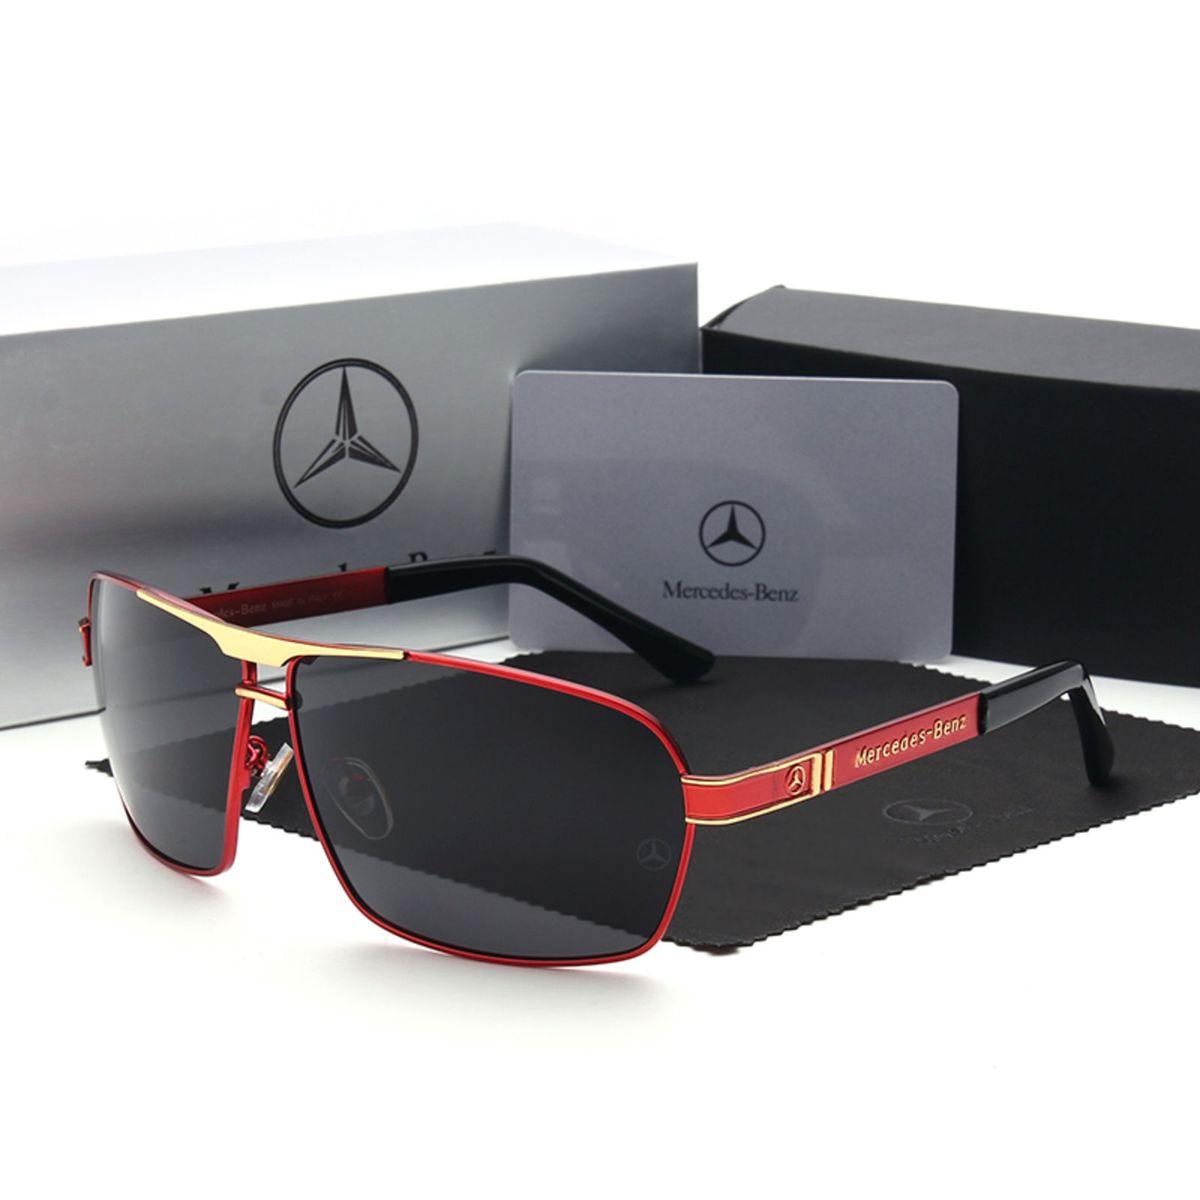 Óculos de Sol Uv 400 Polarizada Mercedes Benz Vermelho   Óculos Masculino Mercedes  Benz Nunca Usado 29511367   enjoei a247776095